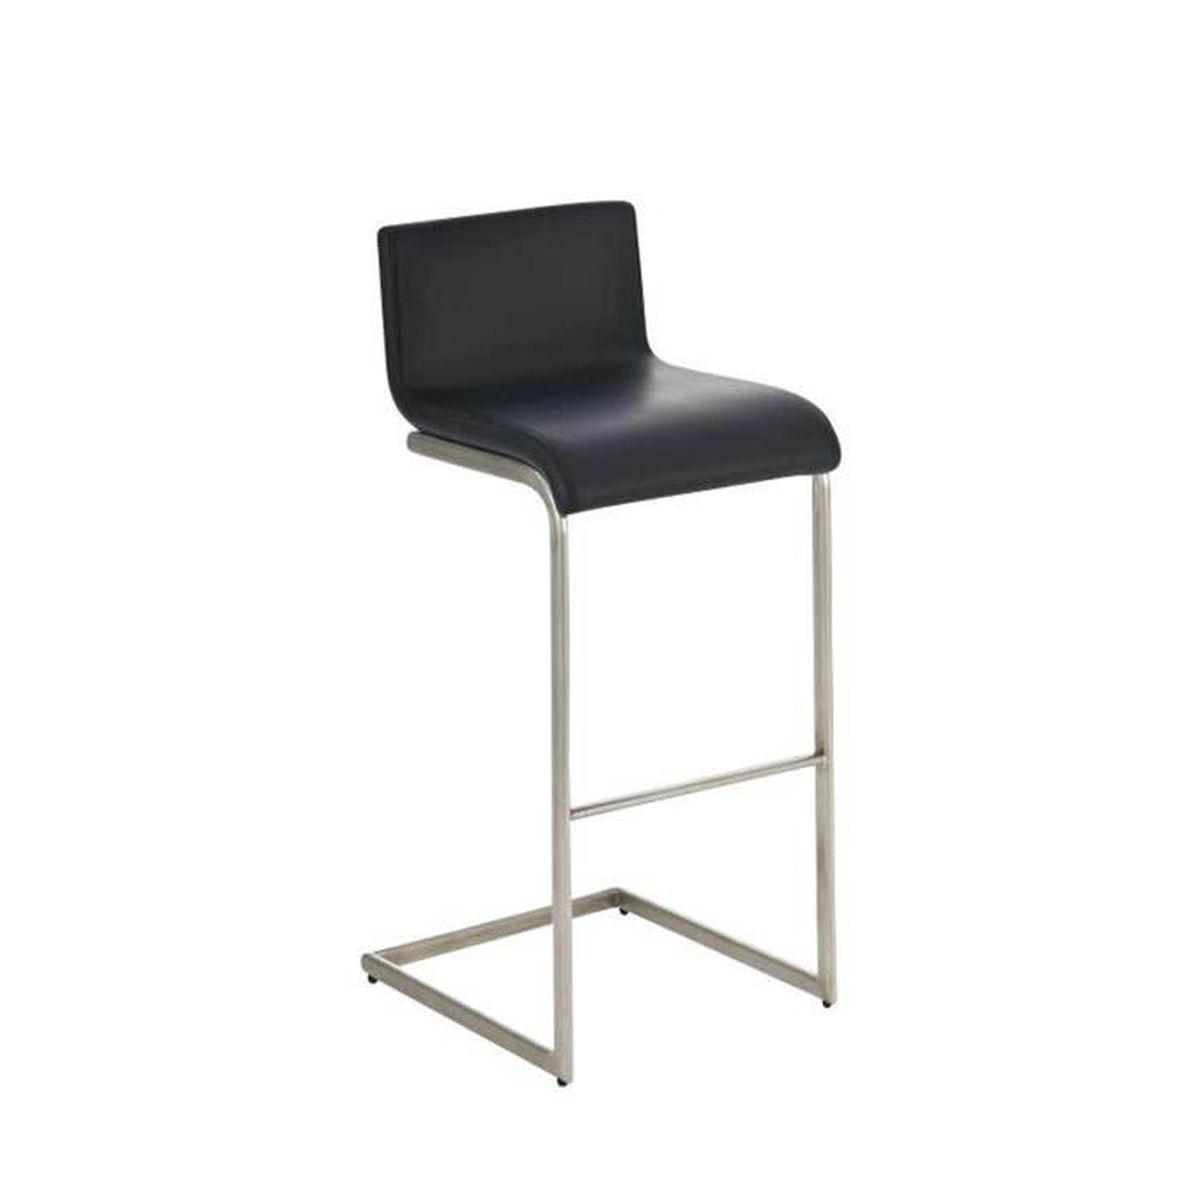 tabouret de bar avec si ge en similicuir coloris noir 96 x 50 x 40 cm achat vente tabouret. Black Bedroom Furniture Sets. Home Design Ideas